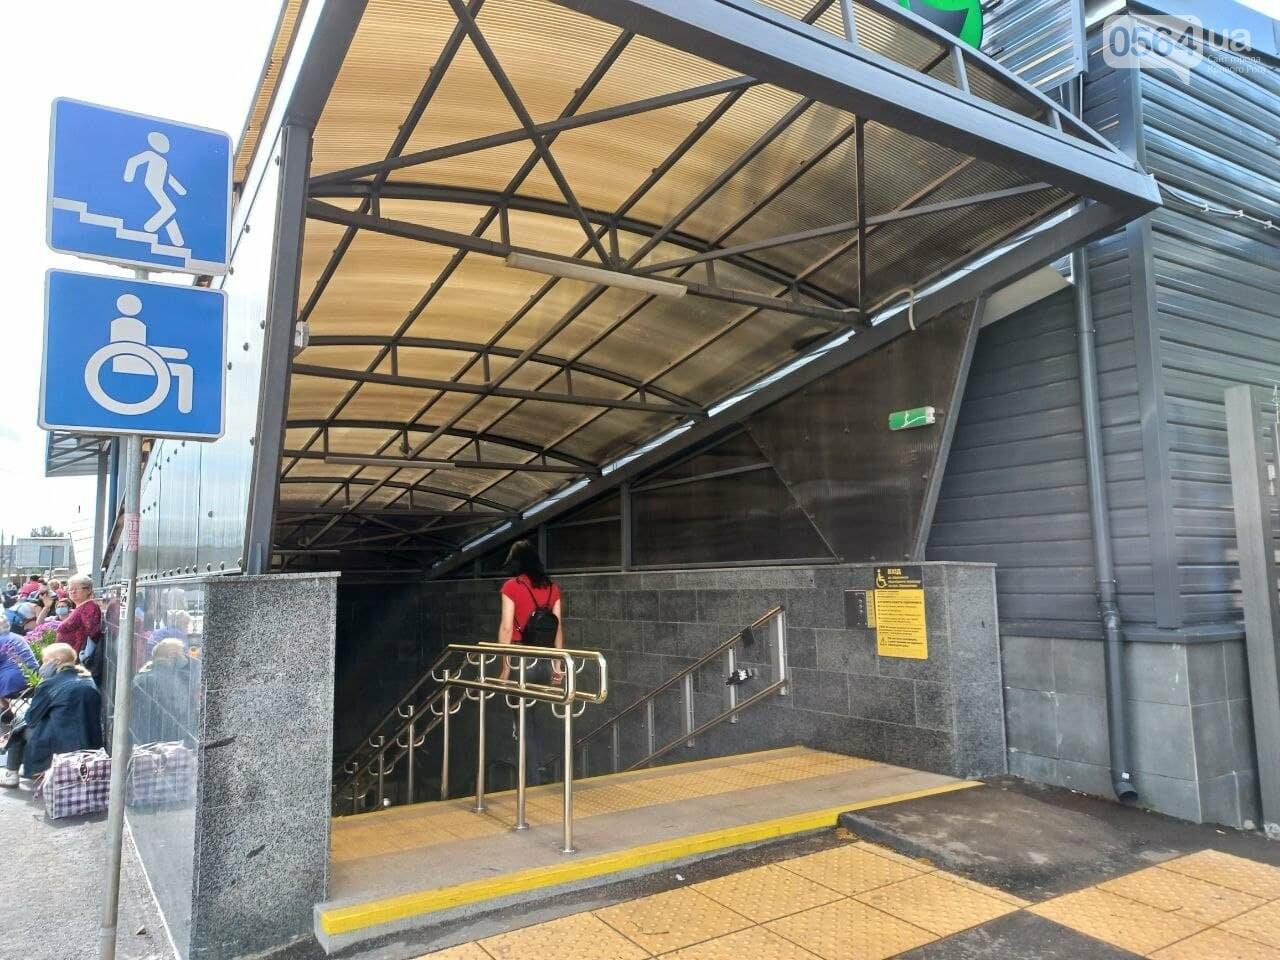 Возле Центрального рынка в Кривом Роге закрыли наземный переход и открыли подземный, - ФОТО, фото-10